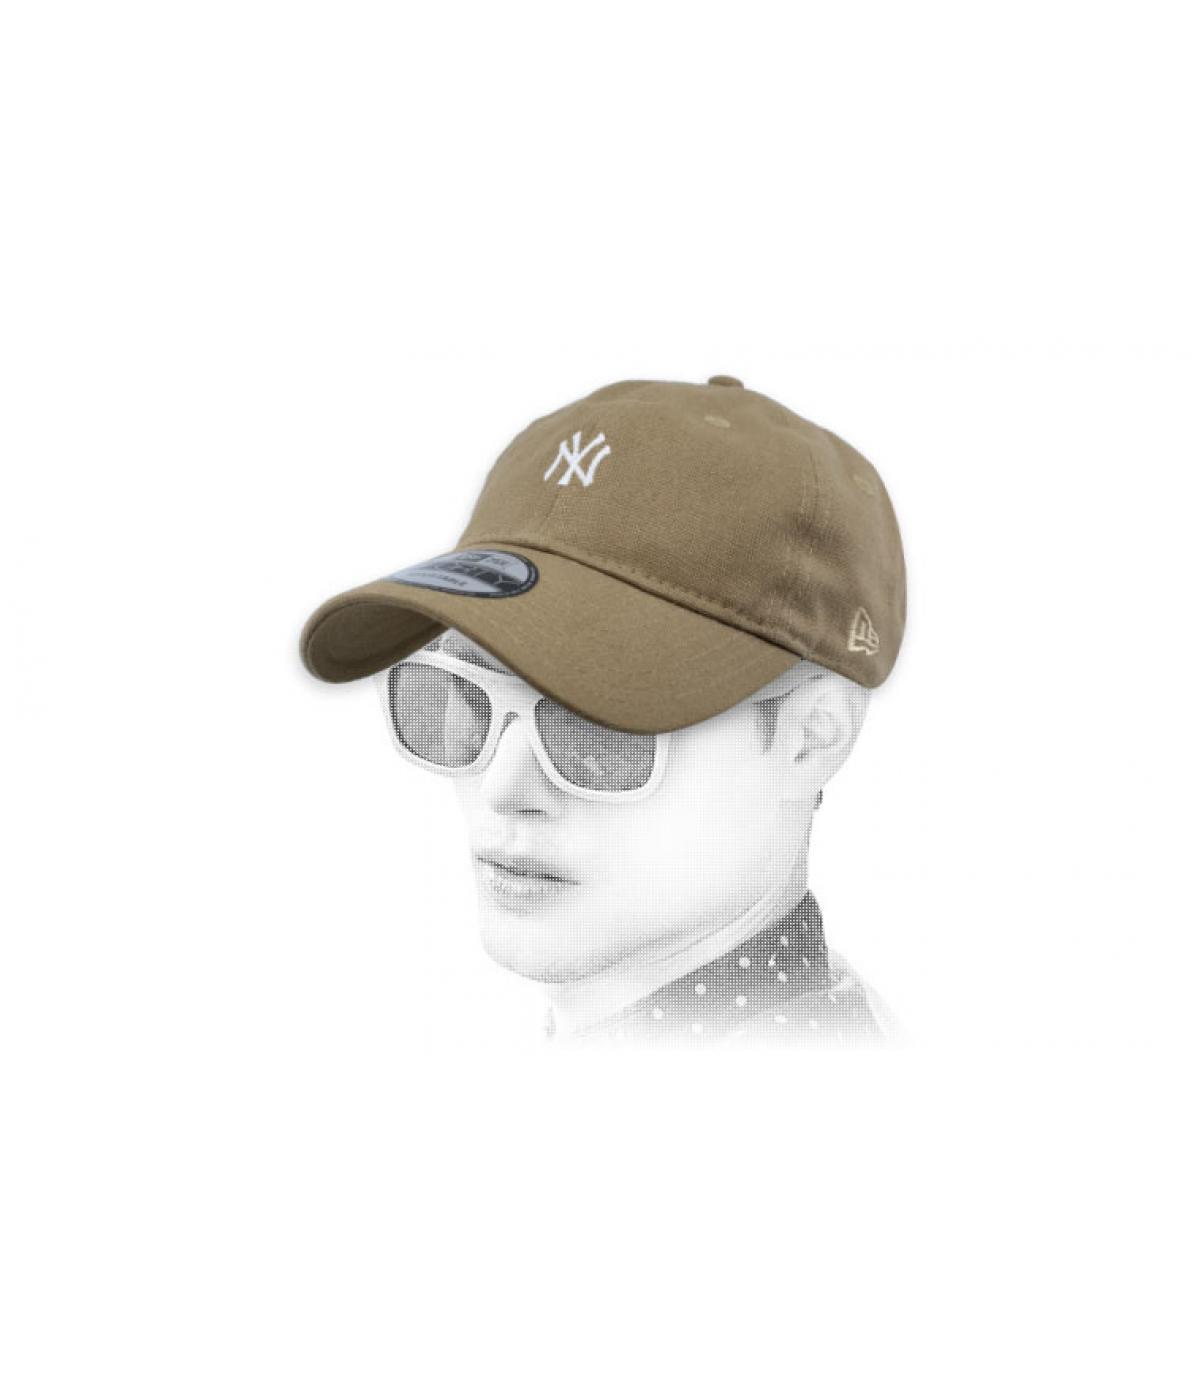 berretto NY beige